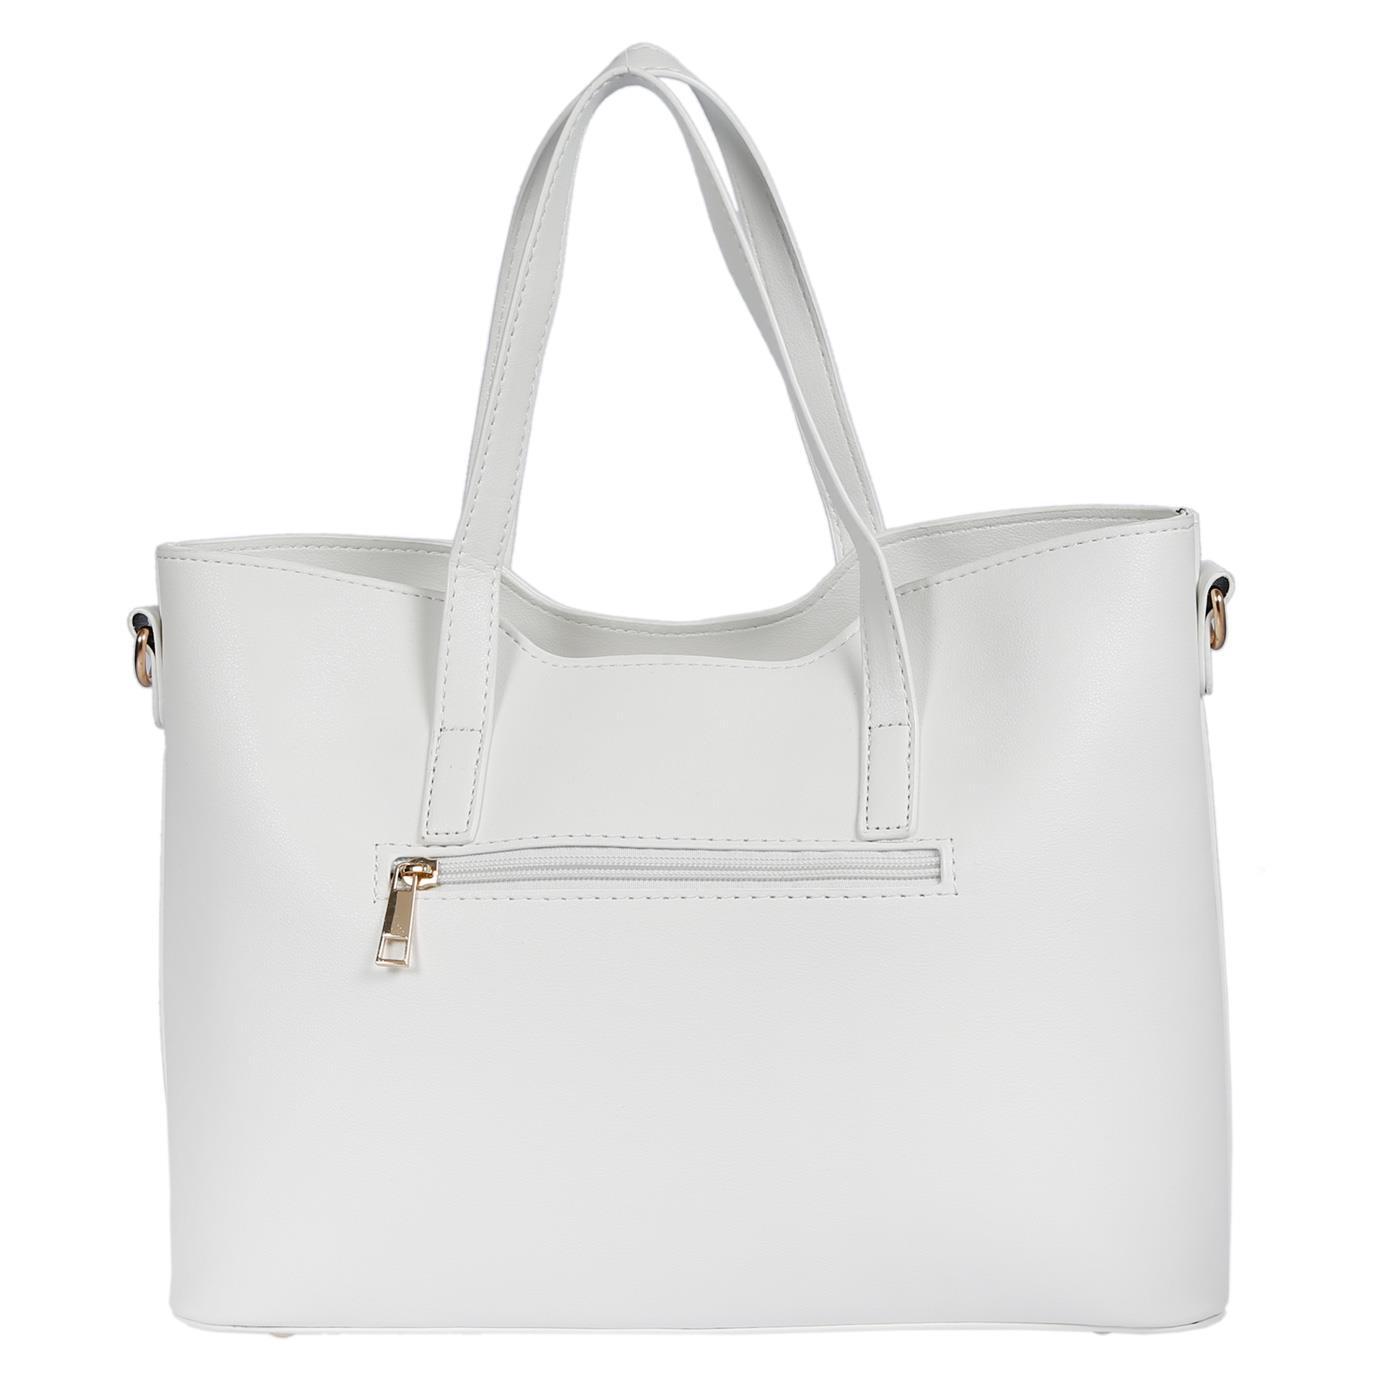 Kossberg-Damen-Tasche-Henkeltasche-Schultertasche-Umhaengetasche-Leder-Optik-Bag Indexbild 28